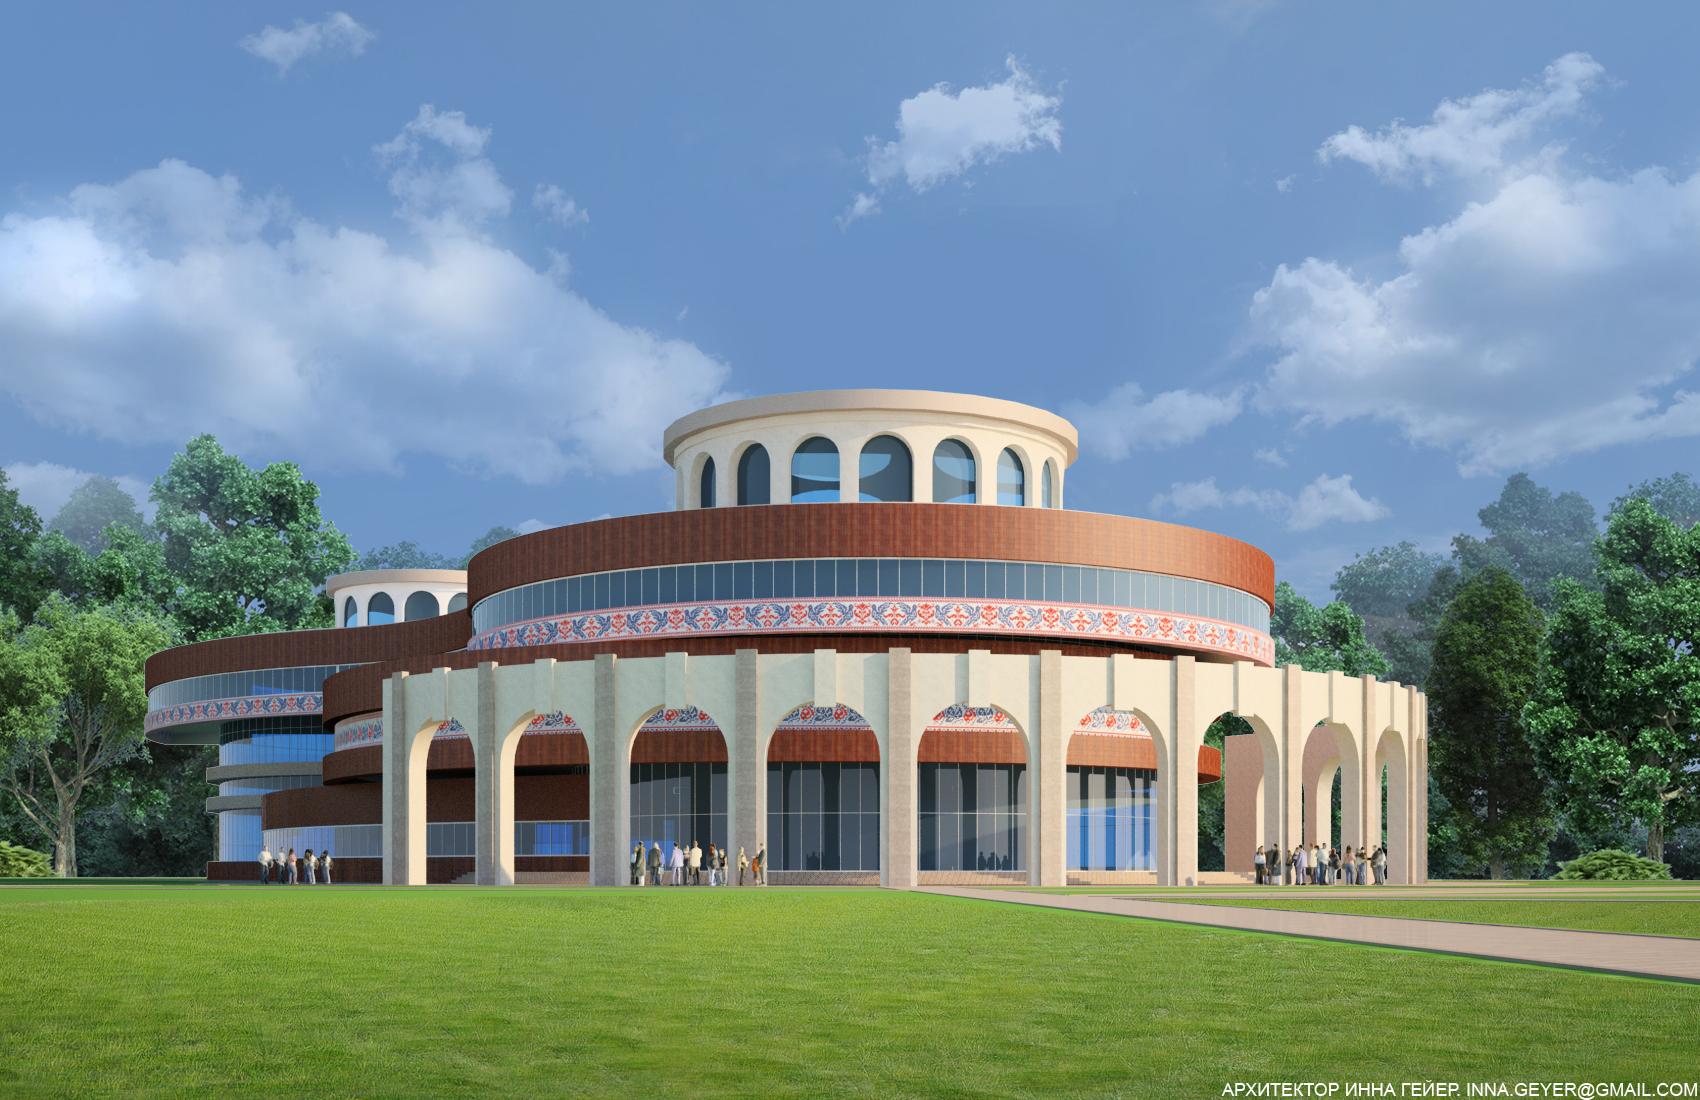 Разработка архитектурной концепции театра оперы и балета фото f_44652f4de6cbd62a.jpg